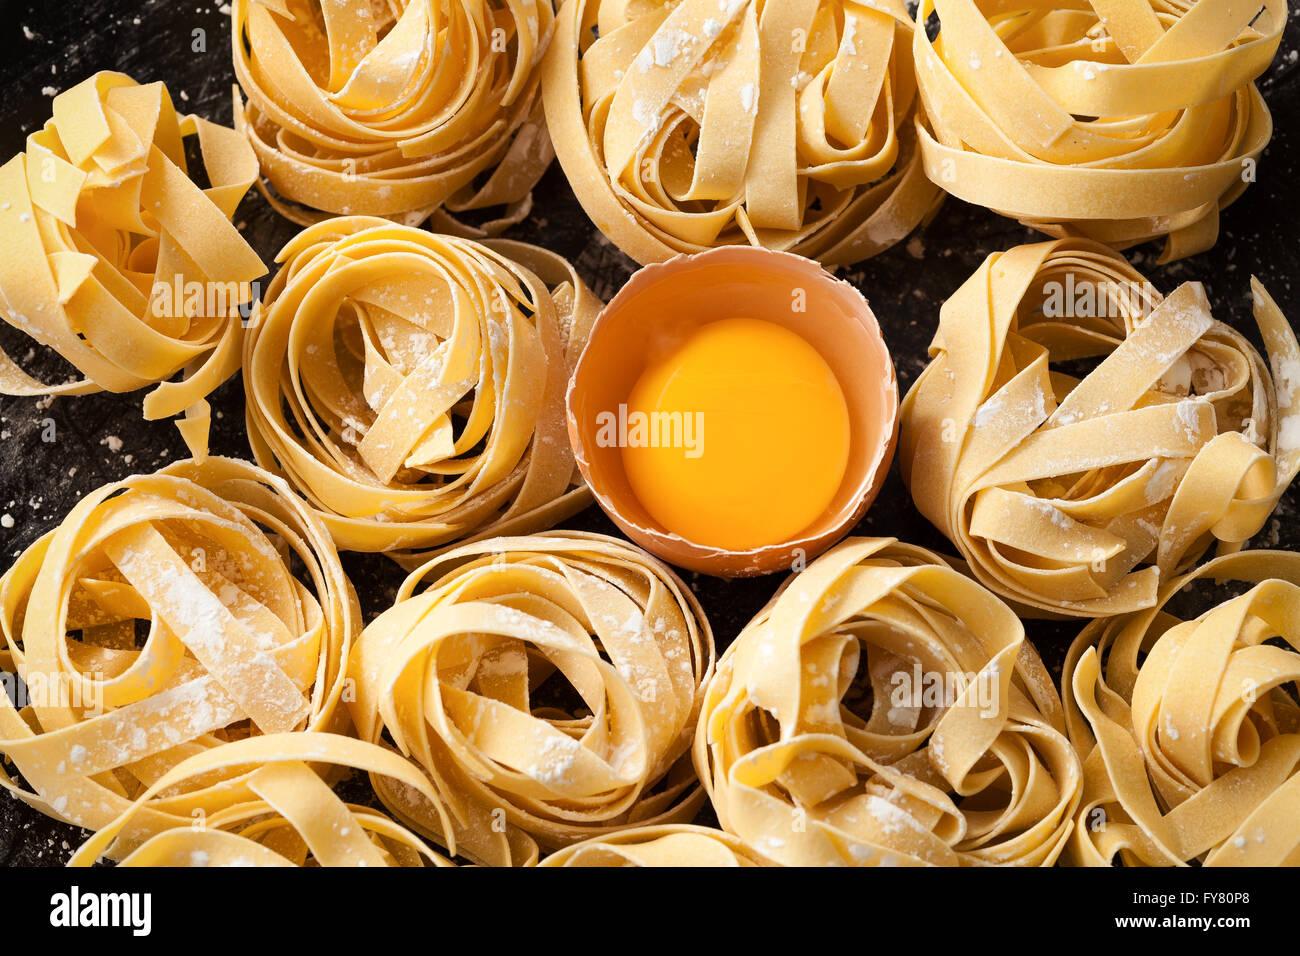 Comida italiana pasta fettuccine bodegón rústico laicos plana fondo negro tagliatelle alfredo yema macro Imagen De Stock